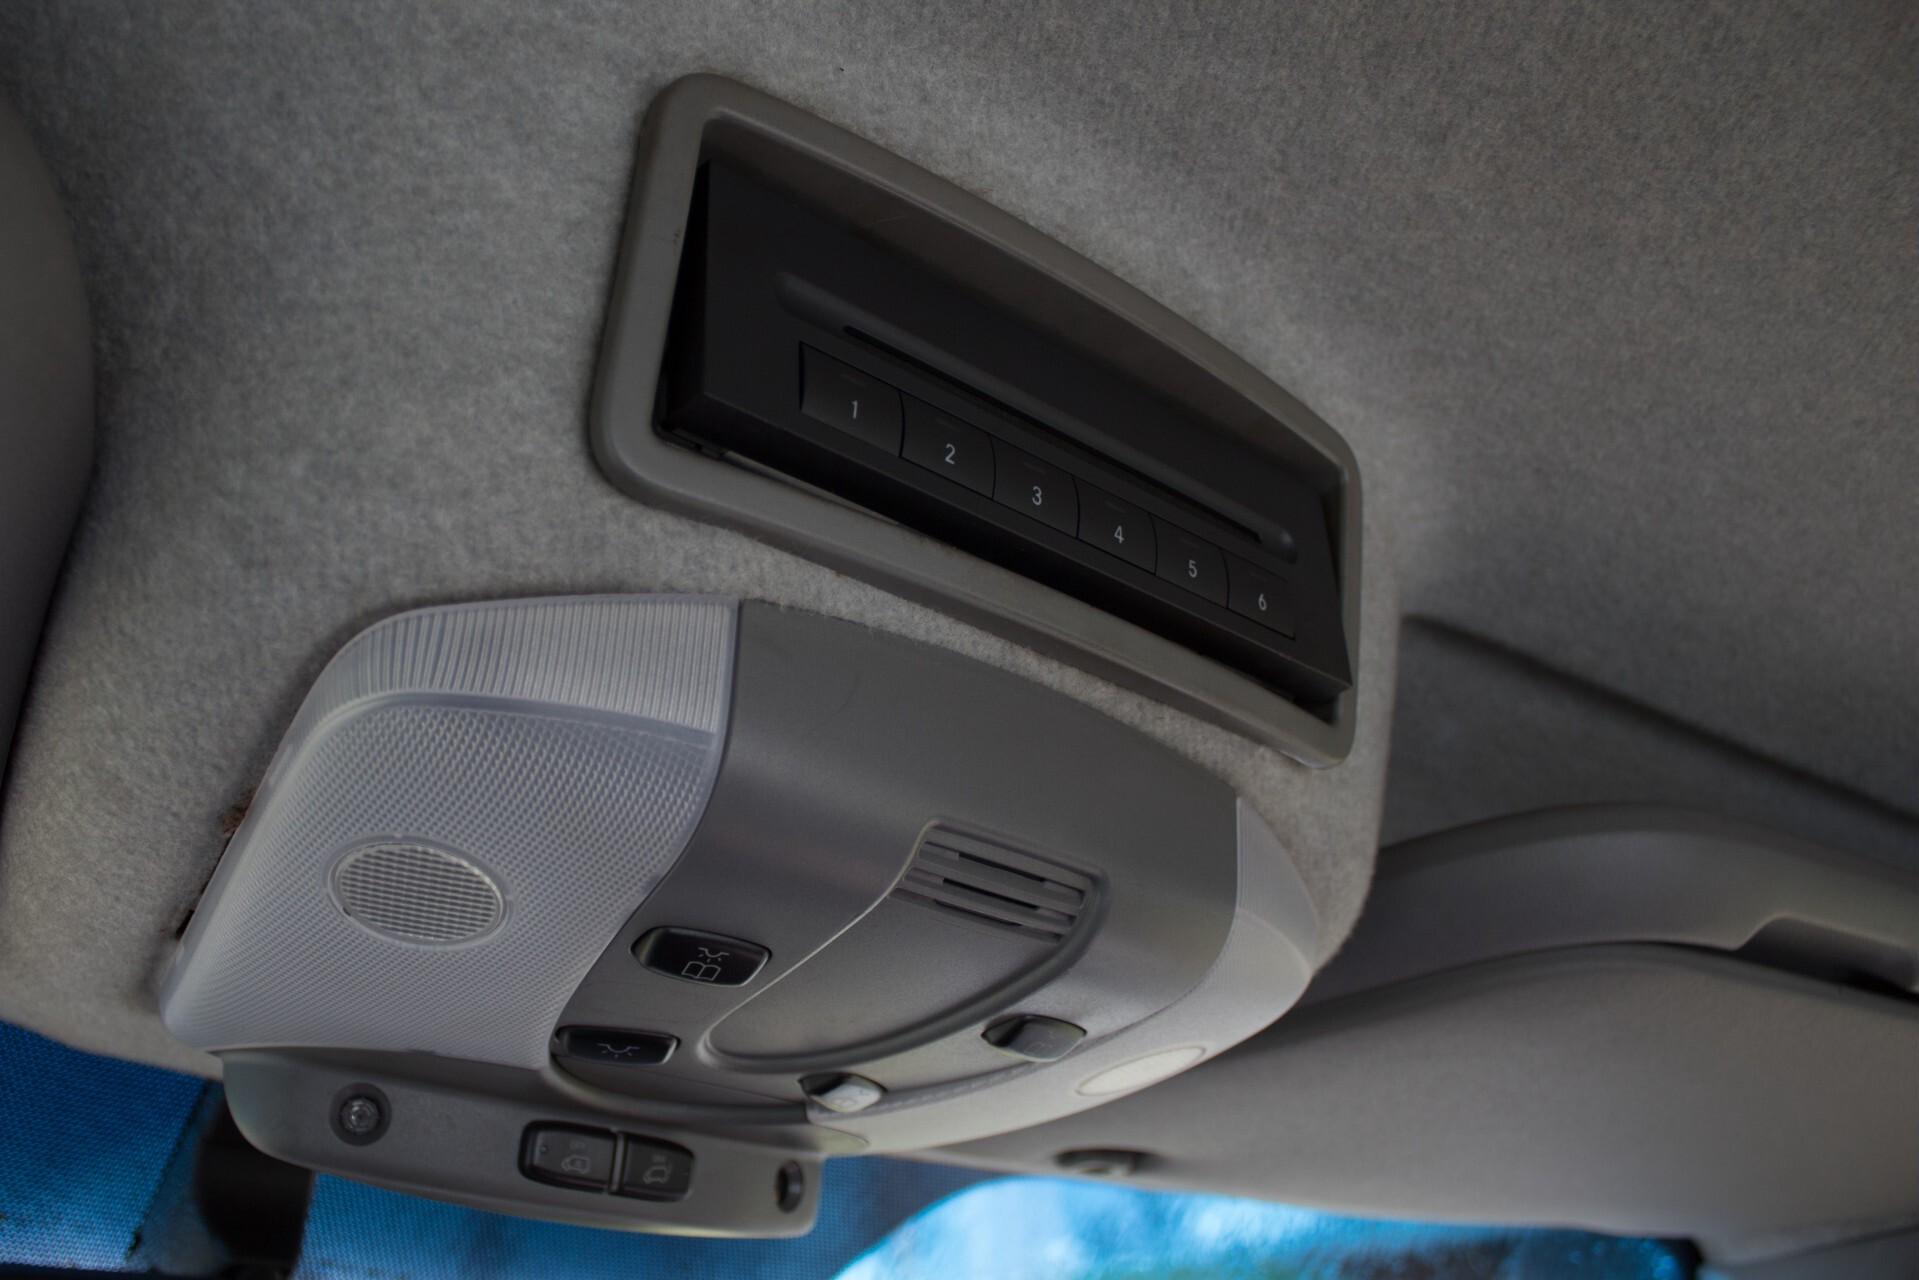 Mercedes-Benz Sprinter 518 3.0 Cdi V6 Oprijwagen / Auto ambulance 7360 kg Foto 25